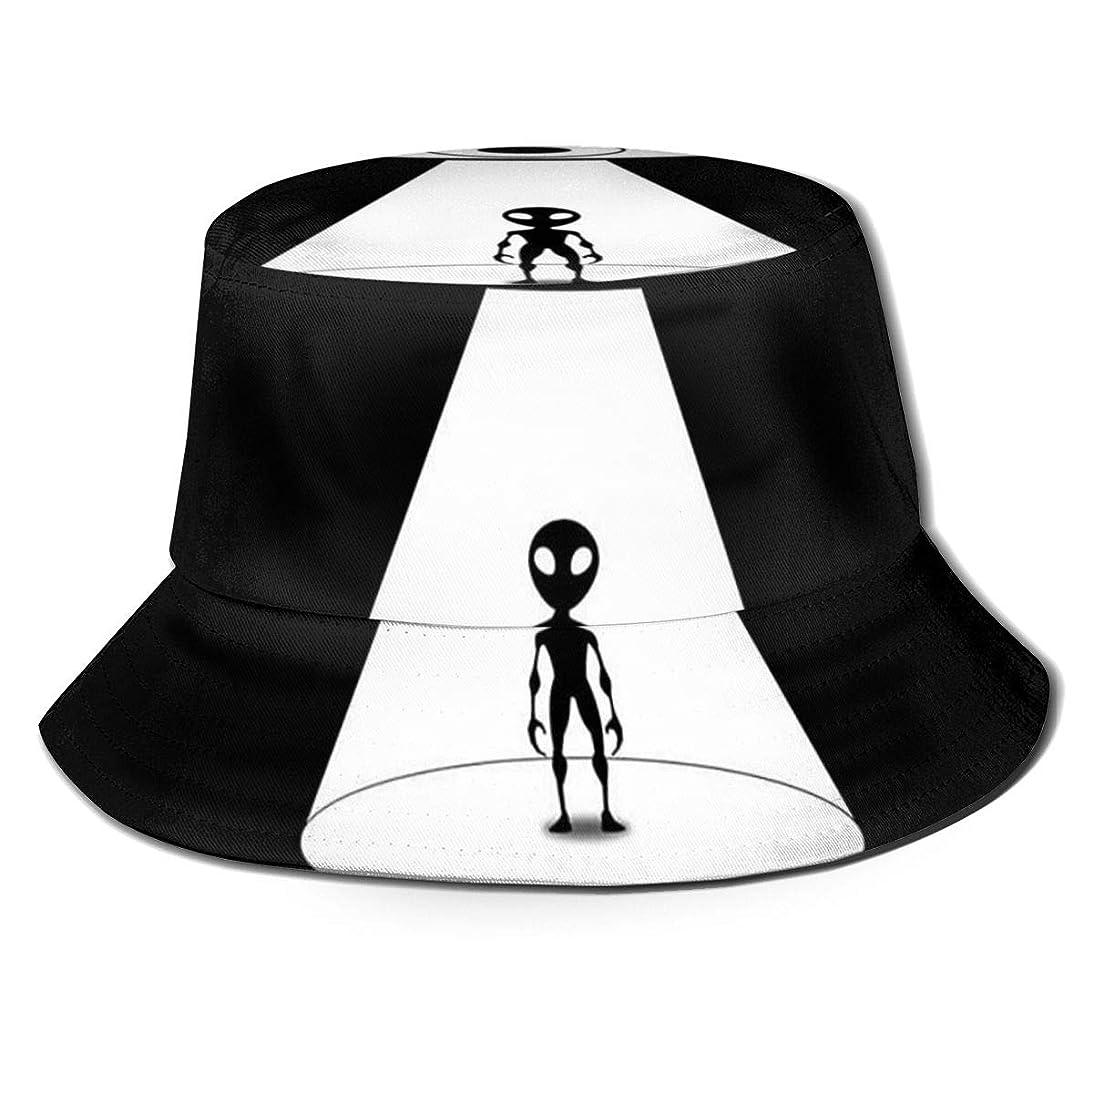 直立地雷原死Aiwnin UFO車から降りる エイリアン 漁師の帽子 サンハット 日よけ帽 紫外線保護 釣り 登山 農作業 通気性がいい